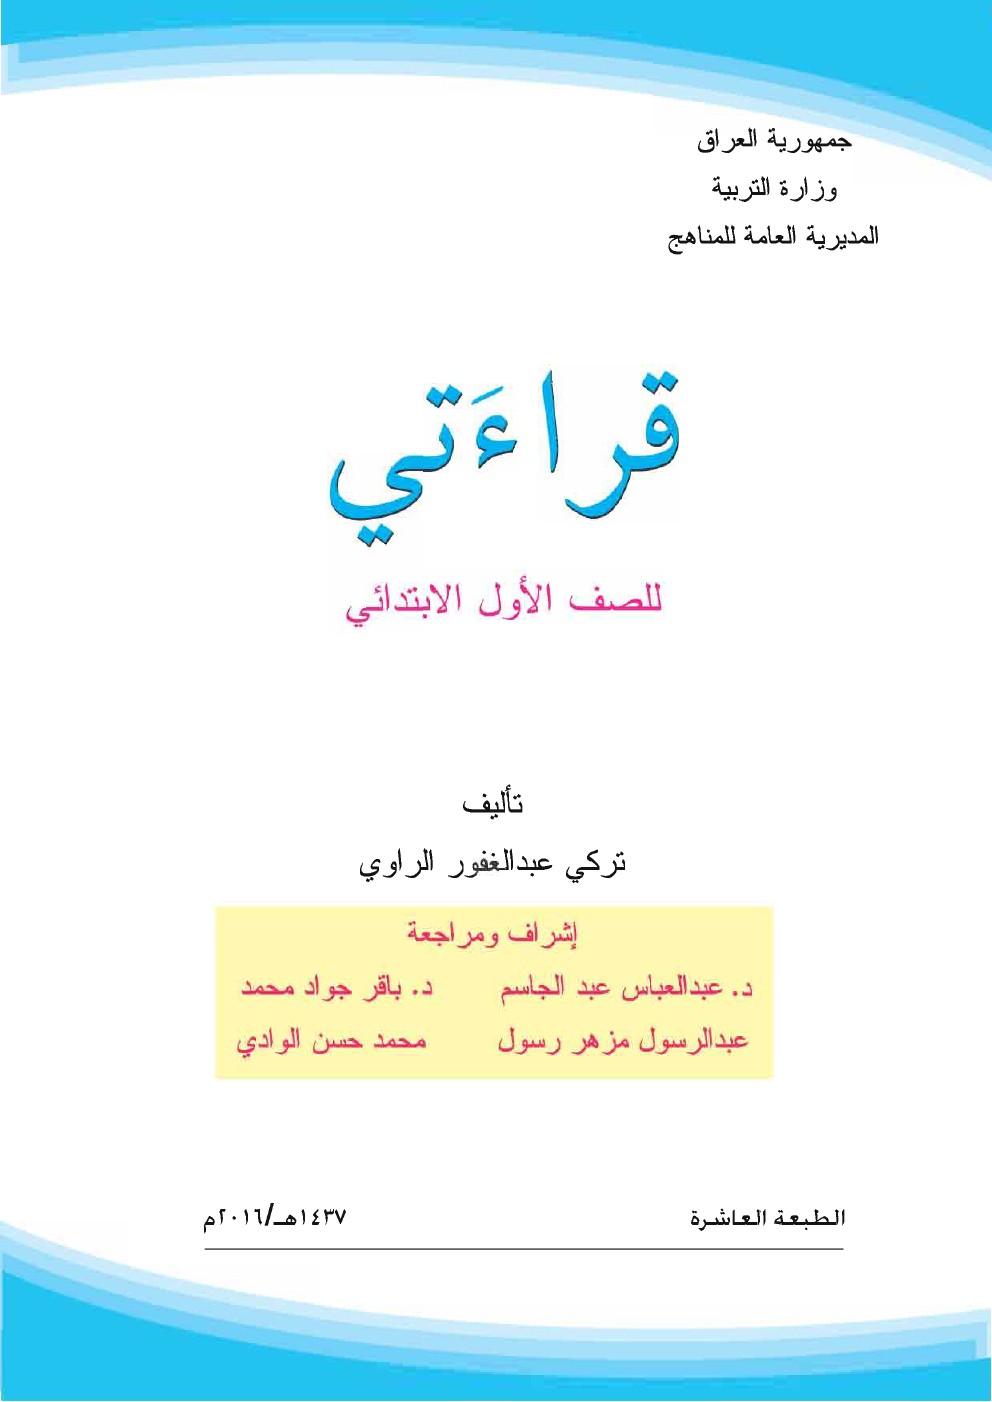 كتاب القراءه للصف الاول ابتدائي القديم